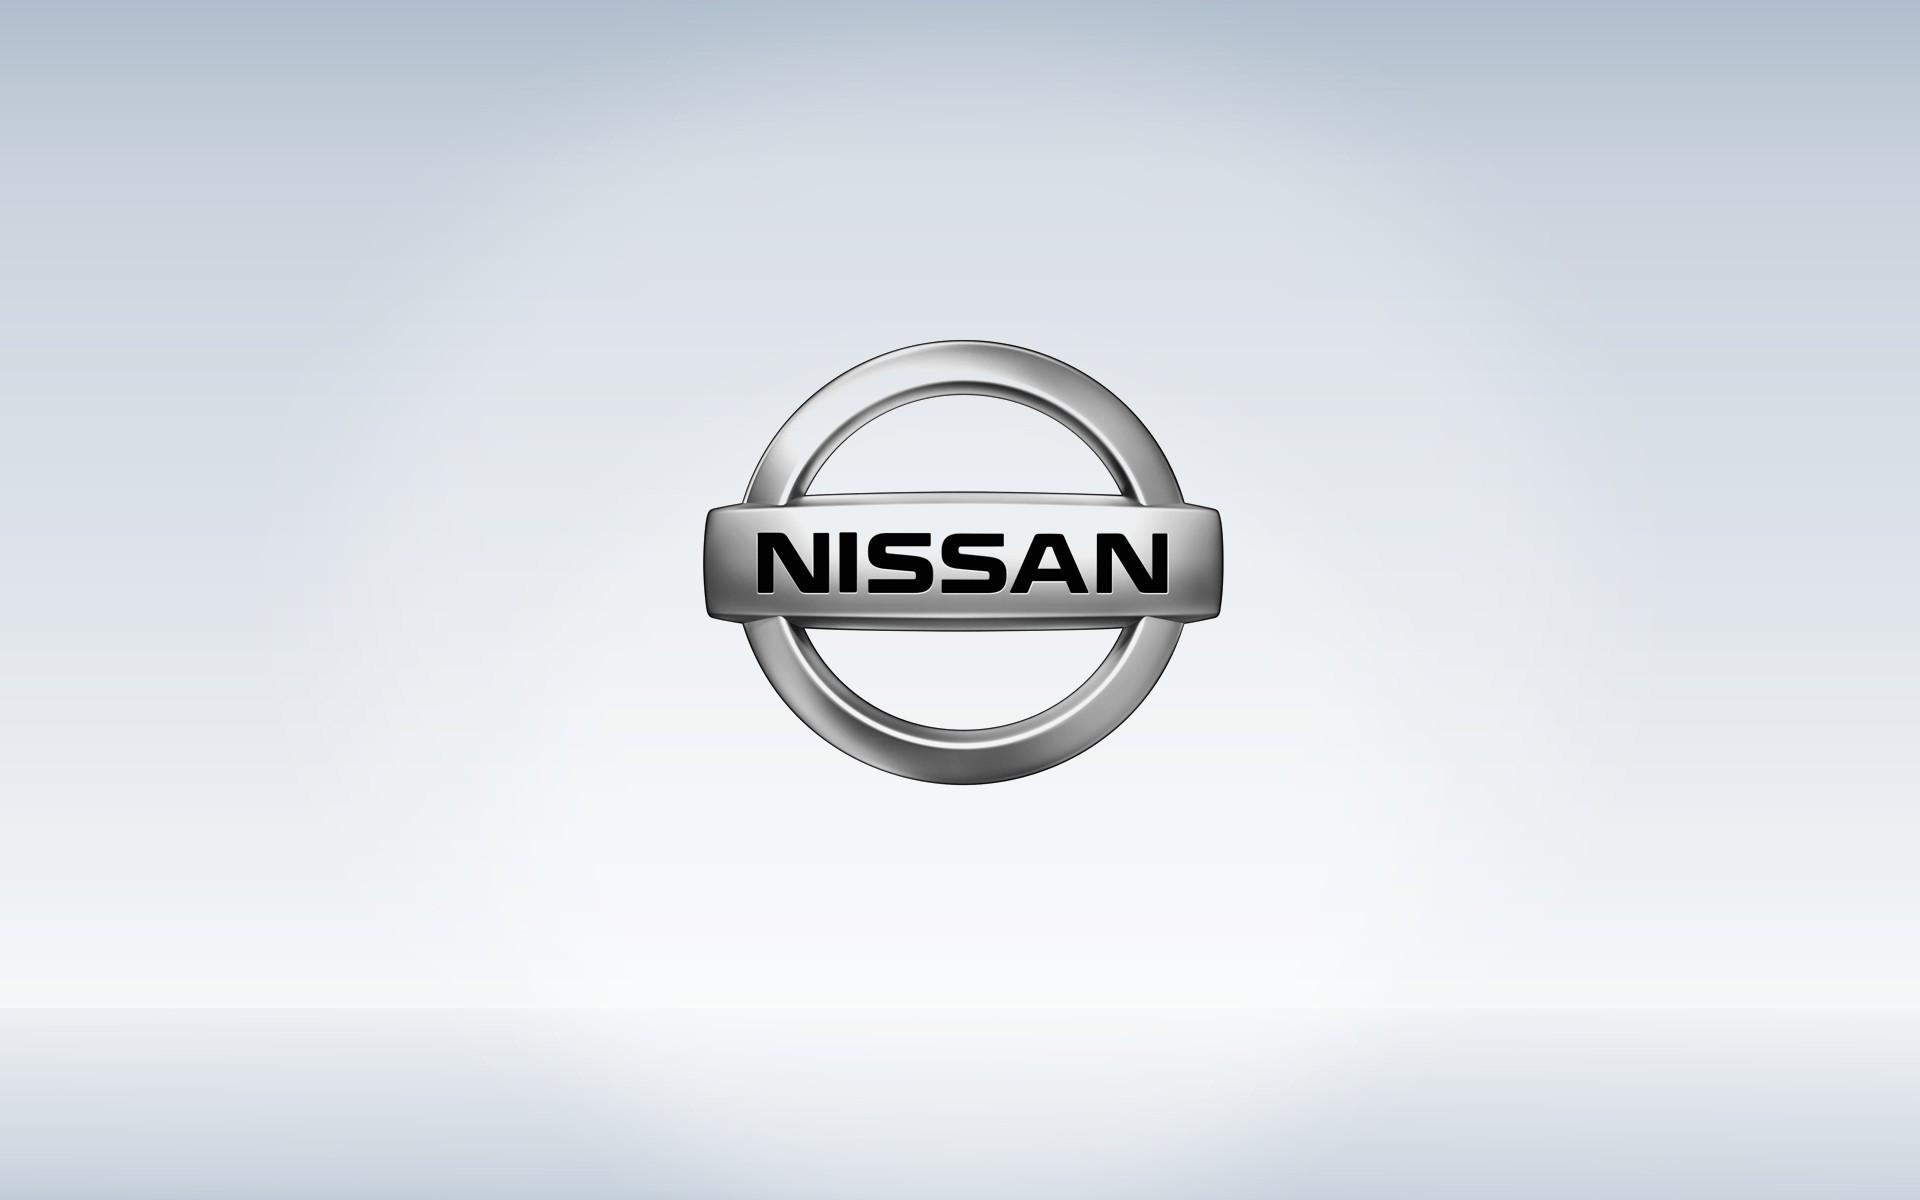 nissan logo wallpaper 1080p - photo #1